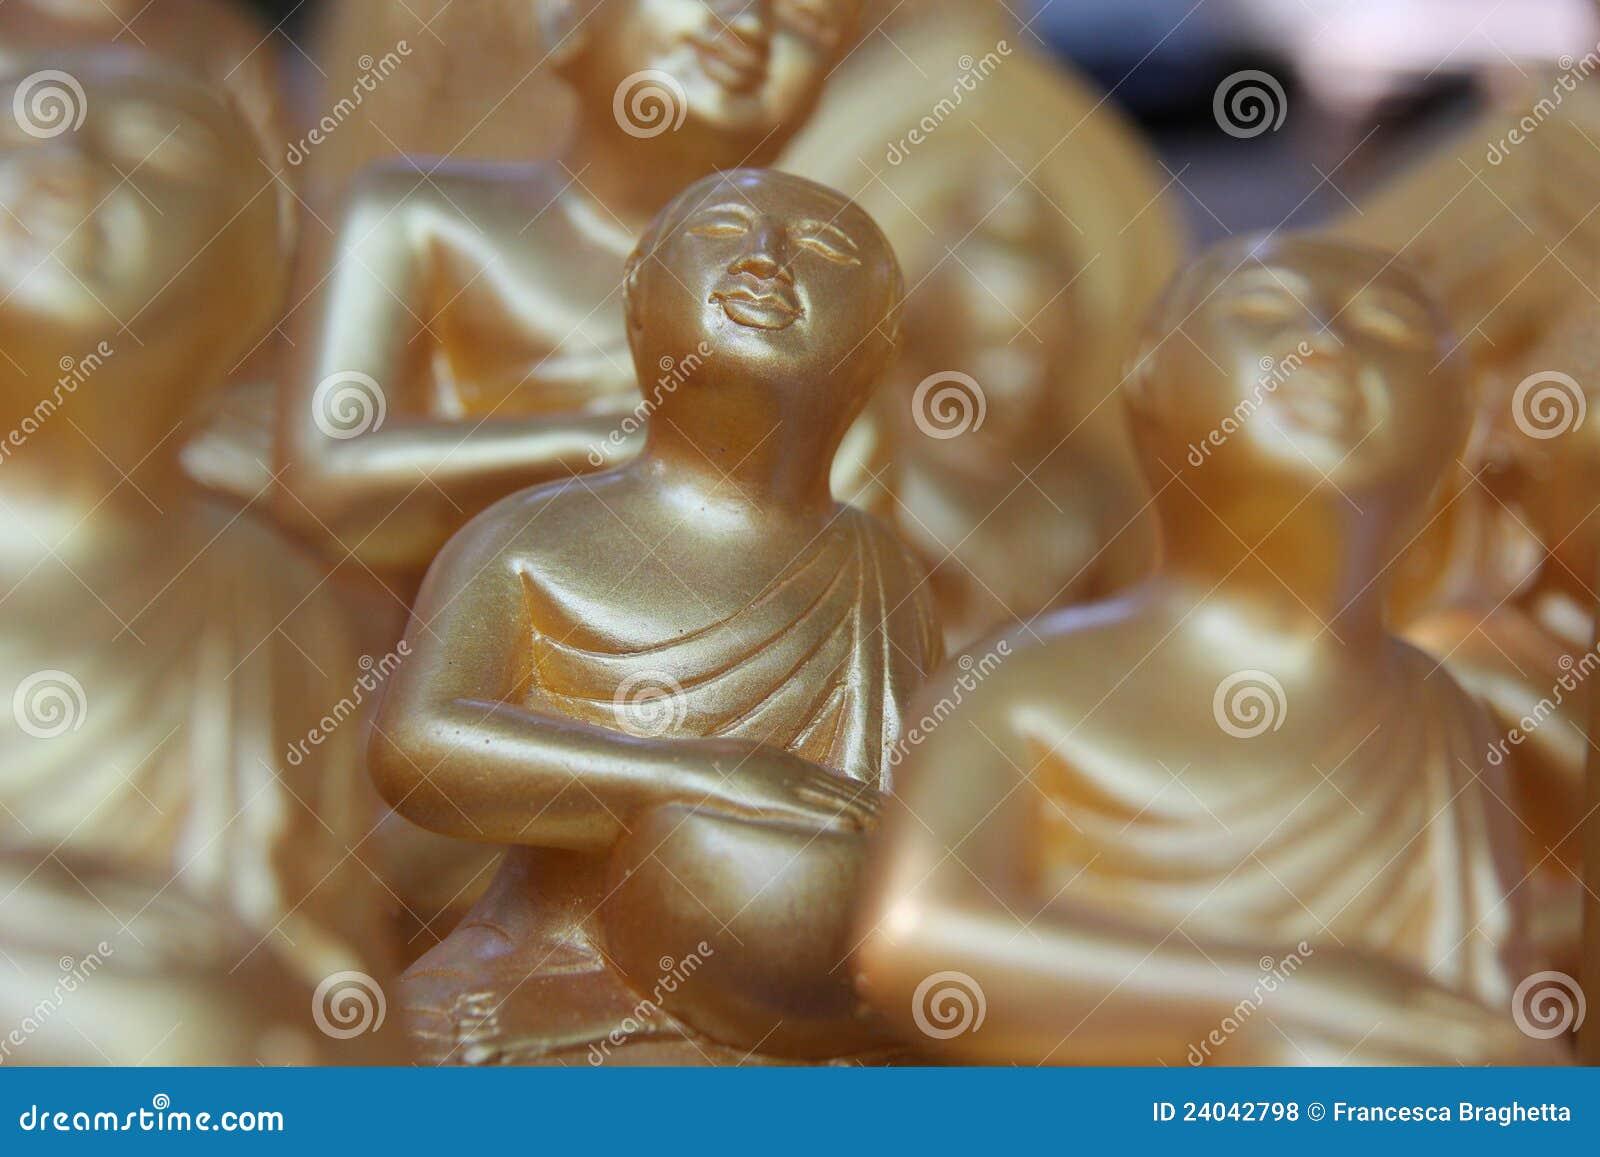 Souvenires Buddhas